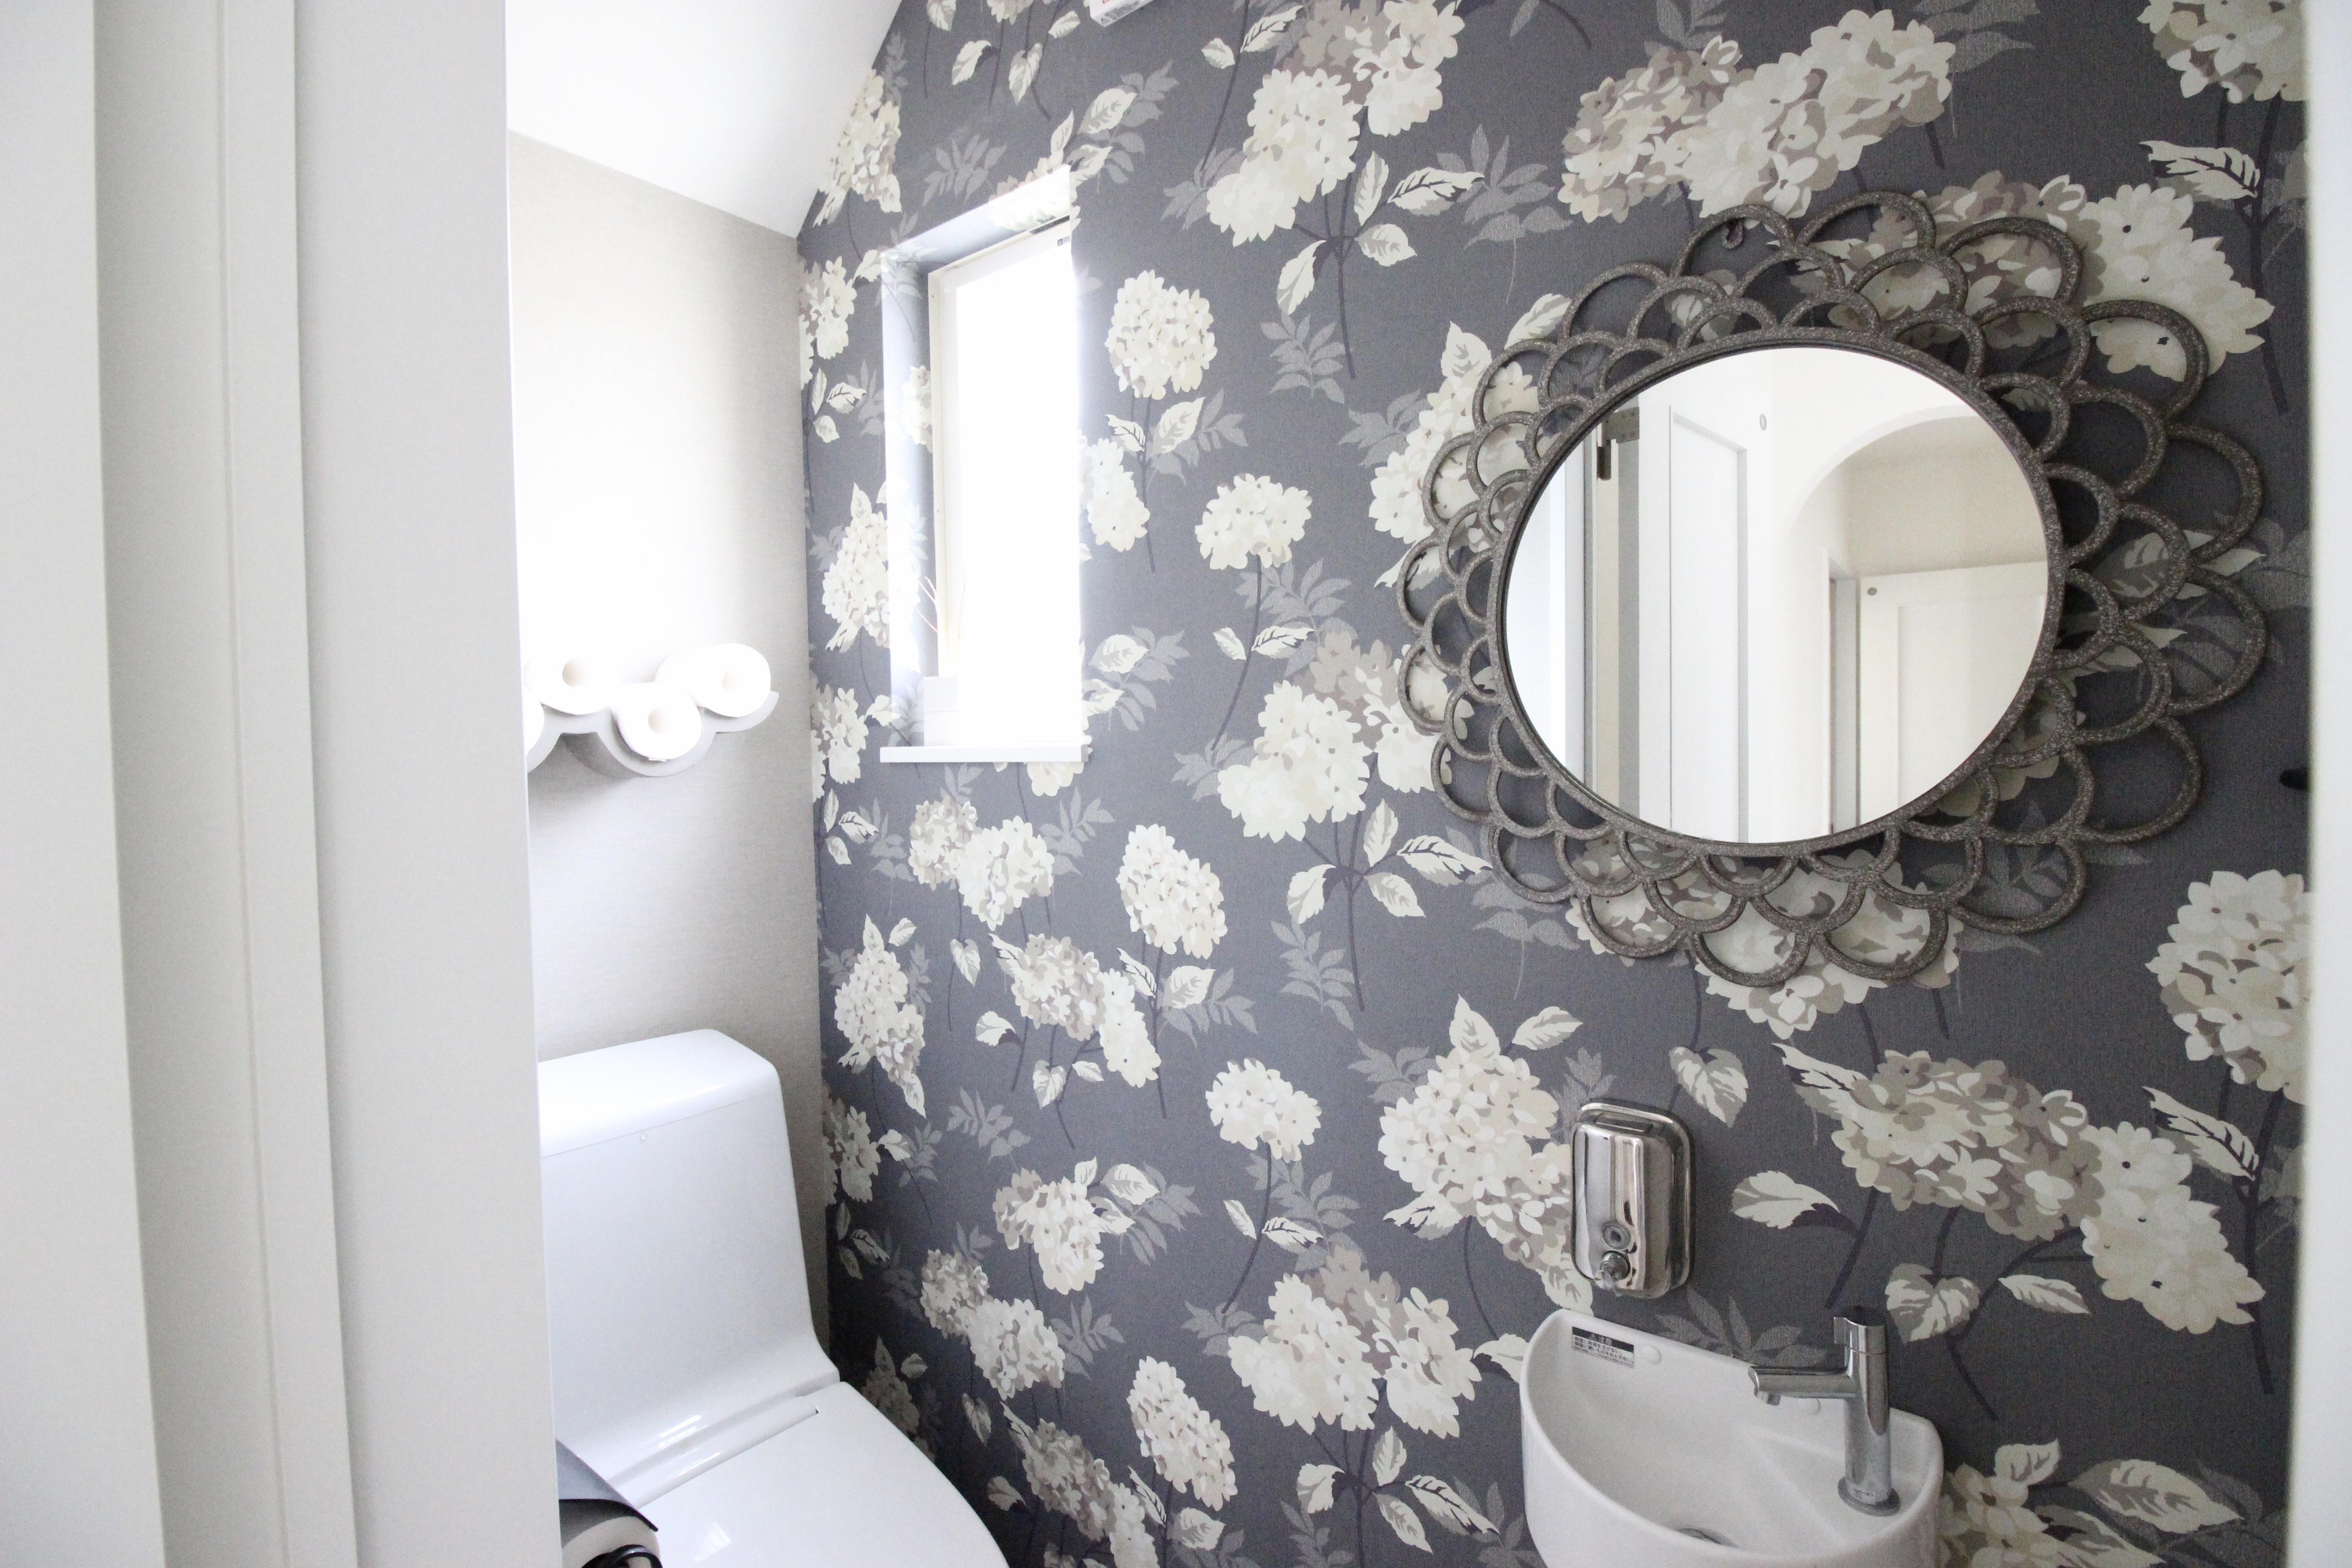 トイレの鏡の大きさで視覚的効果が抜群!インテリアにもおすすめ*